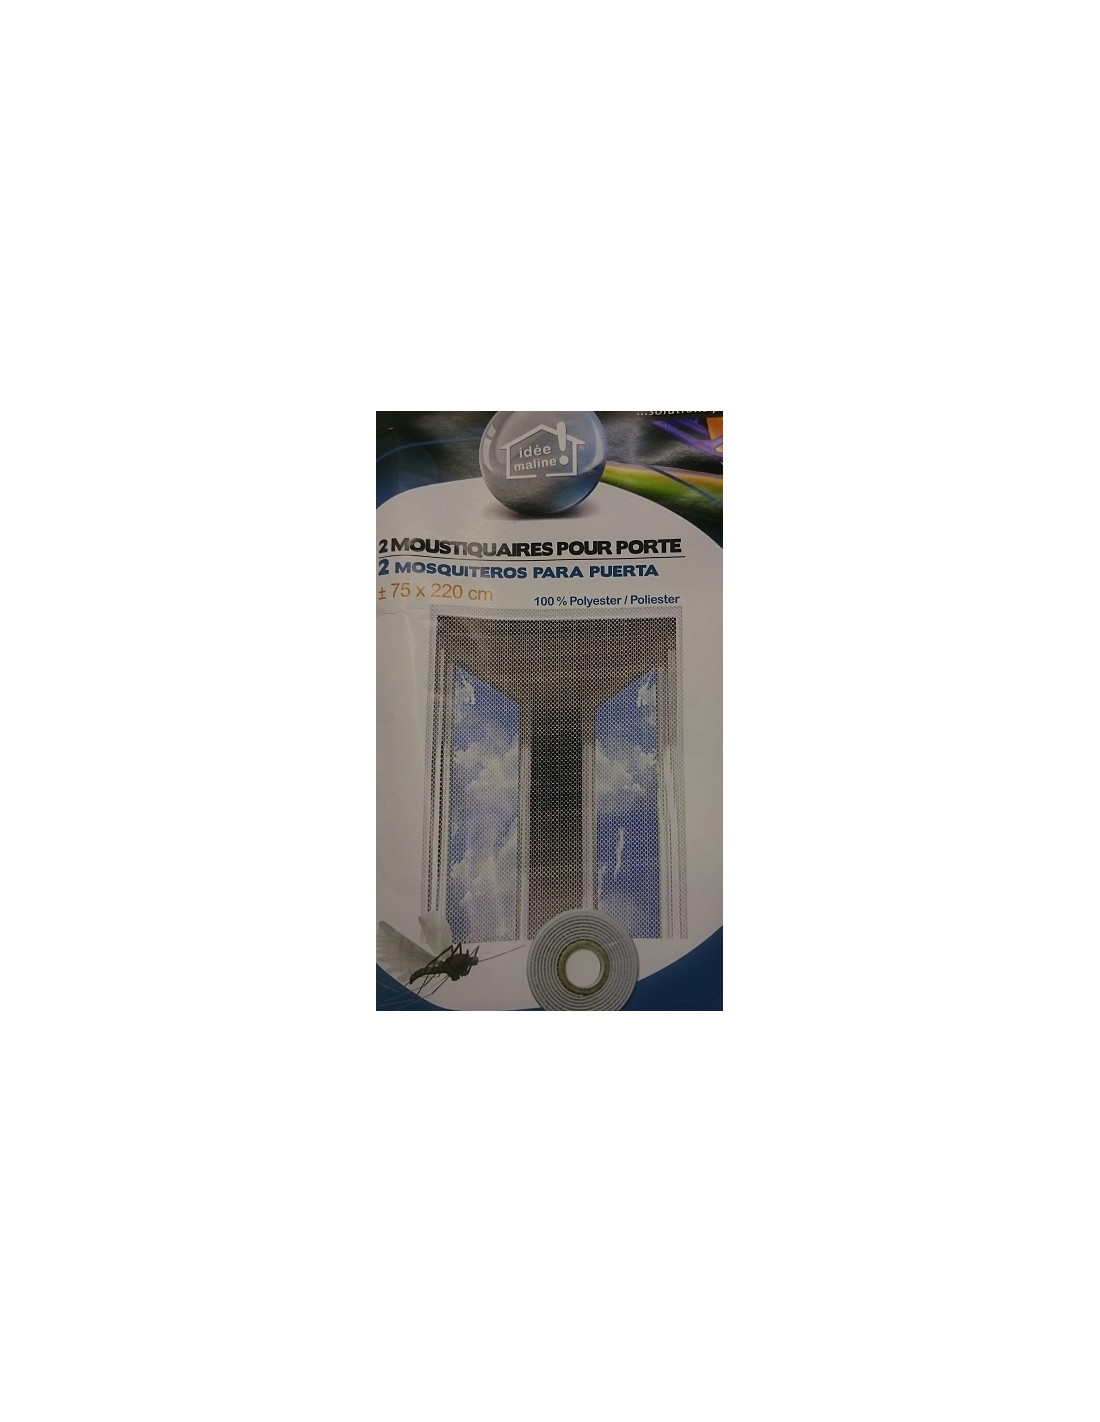 Cortina mosquitera anti insectos para puerta 2 und x for Puertas 75 x 200